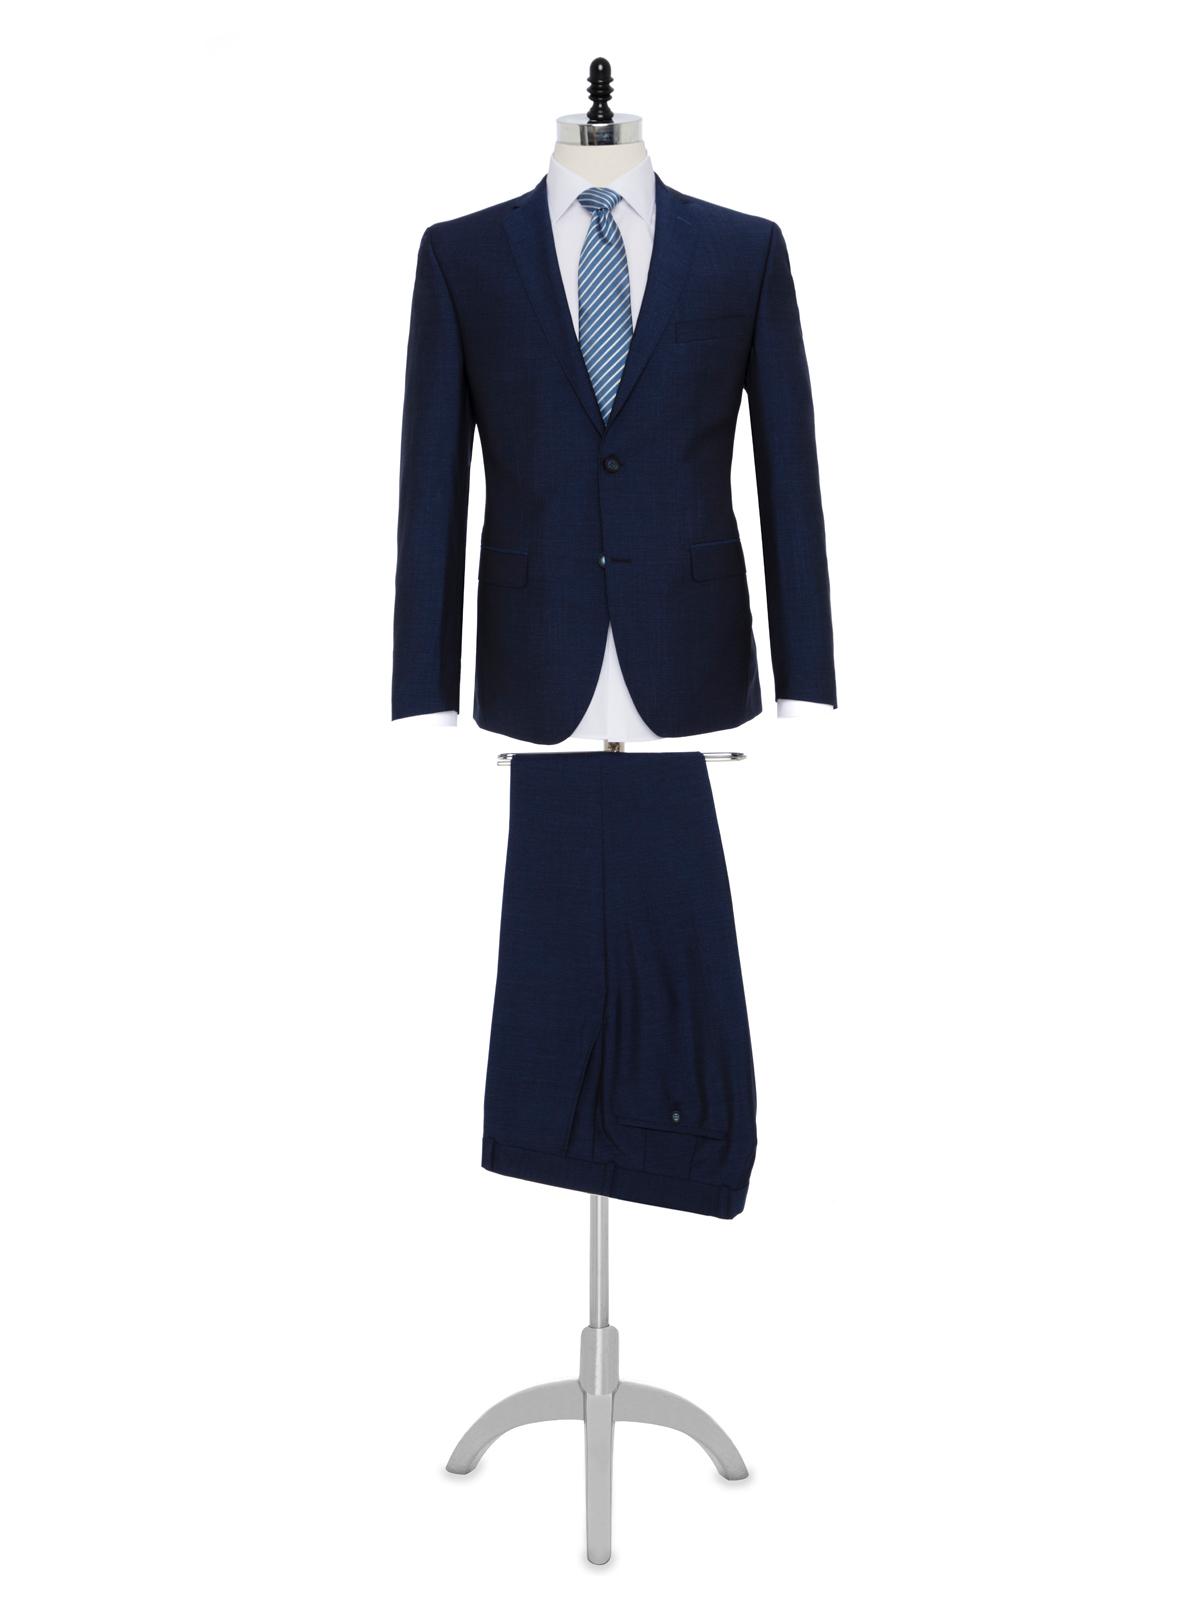 Carl Gross Havacı Mavi Takım Elbise